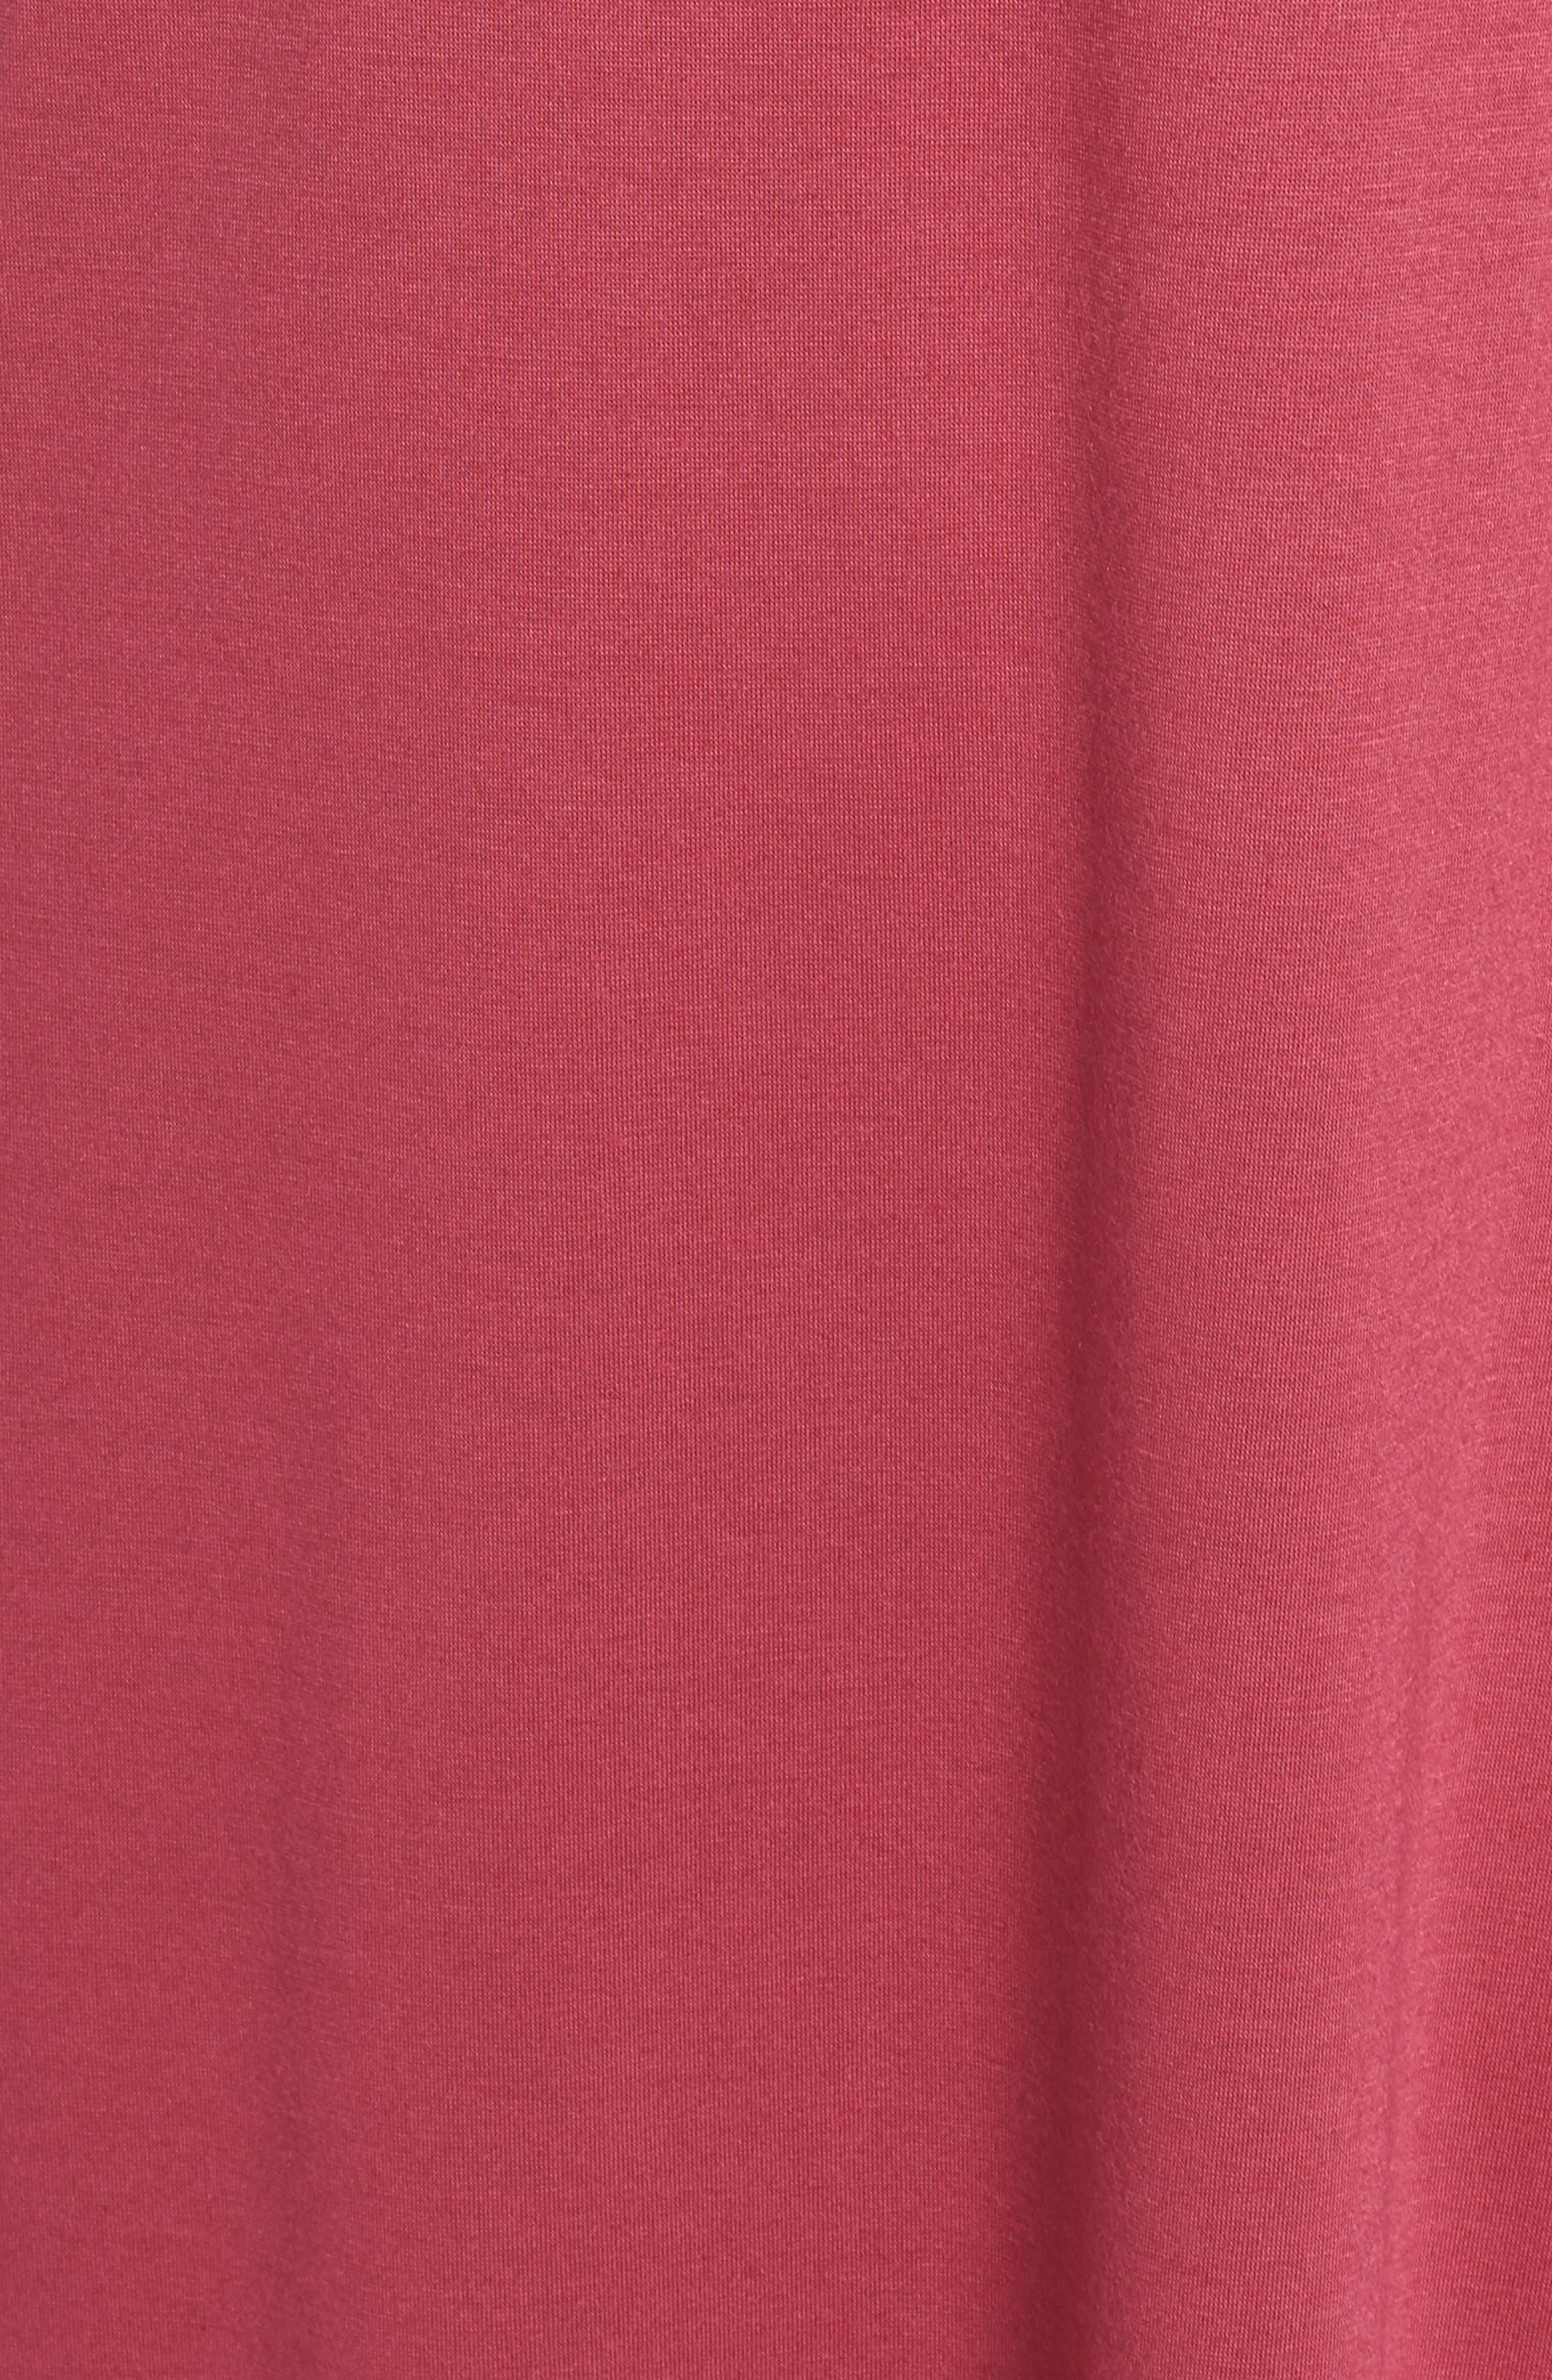 Shangri La Nightgown,                             Alternate thumbnail 5, color,                             RUB RUBY